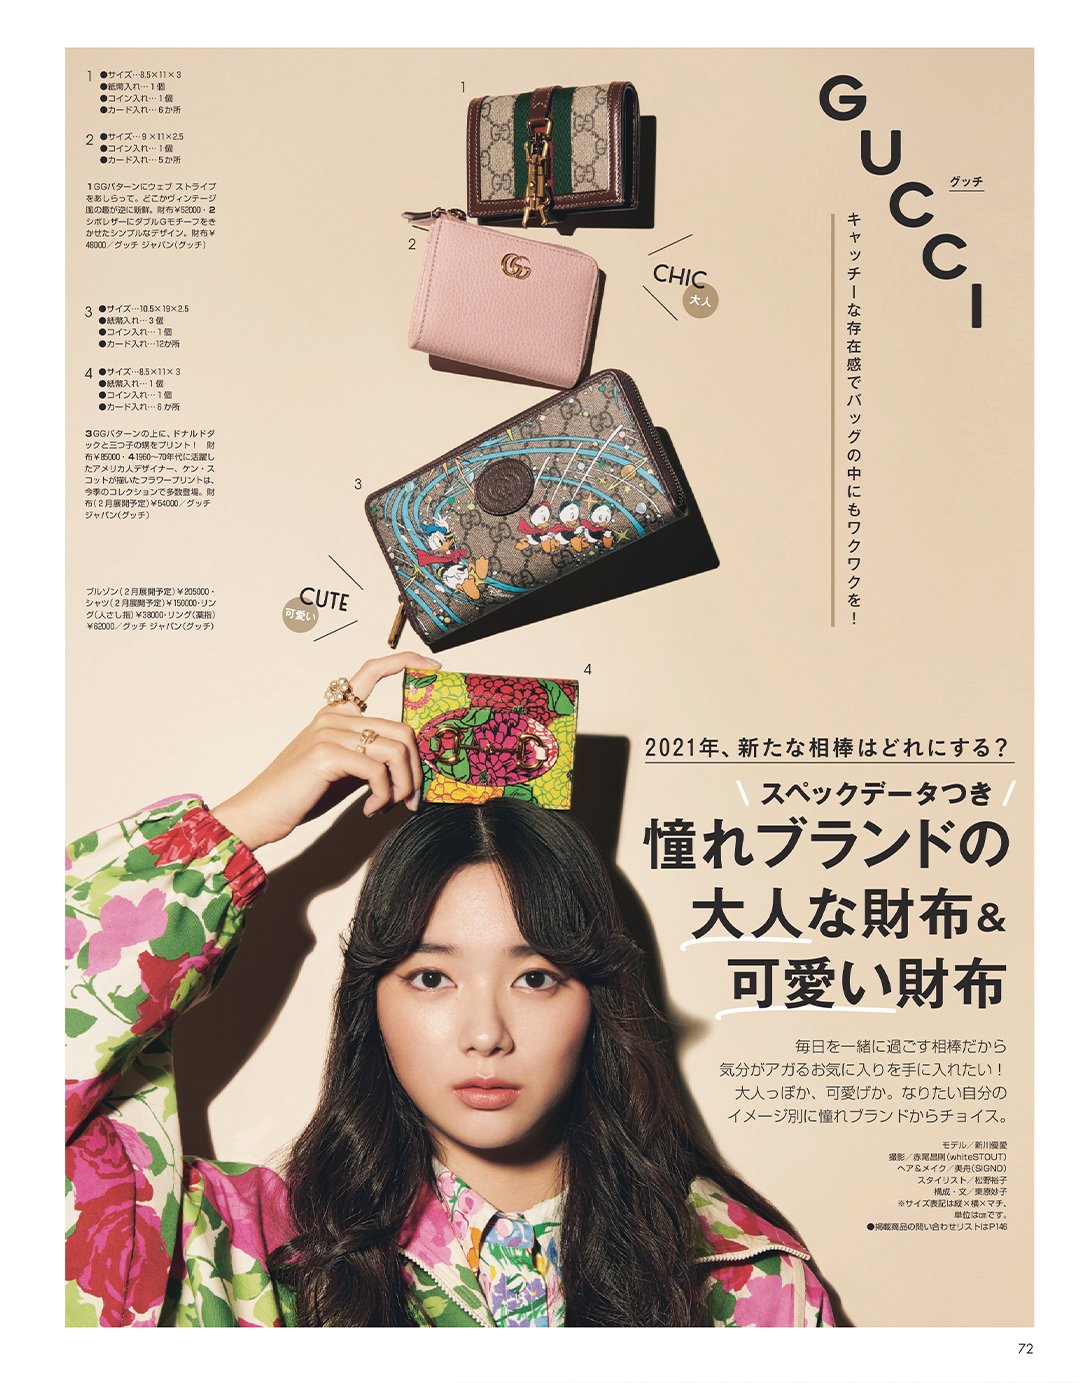 憧れブランドの大人な財布&可愛い財布